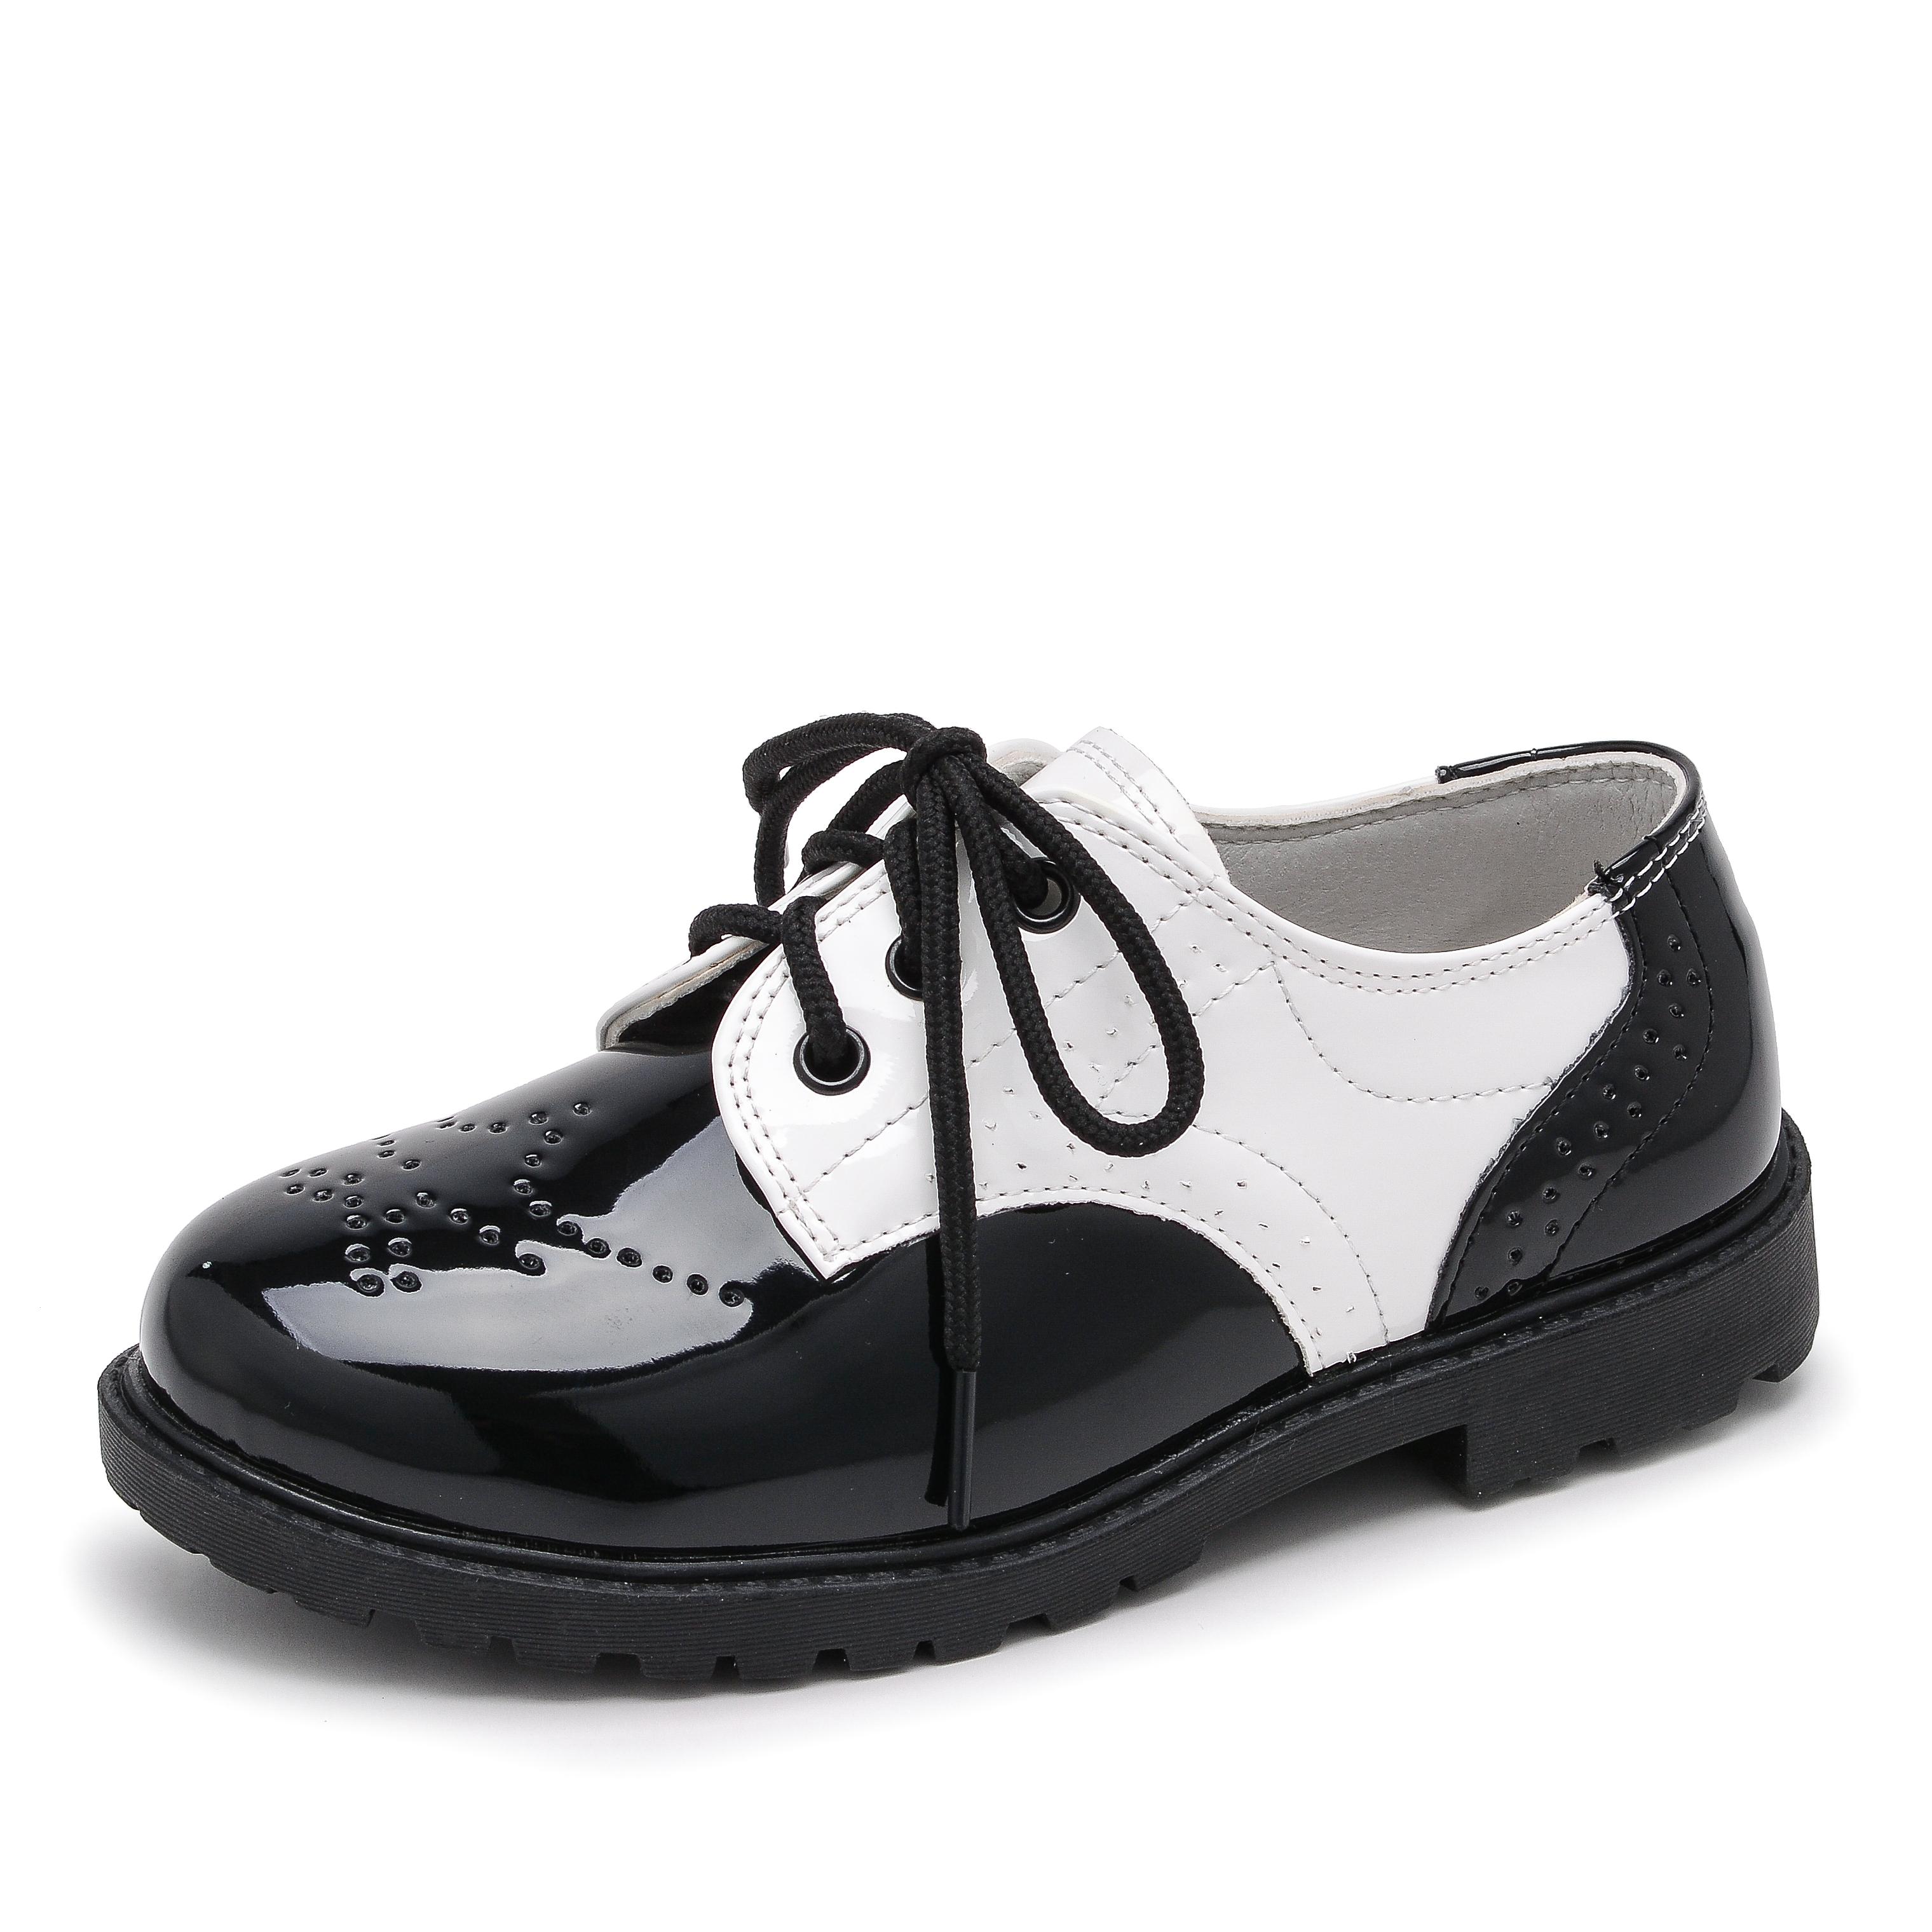 学生小皮鞋男童黑色亮面皮鞋2019春秋新款潮英伦风单鞋演出鞋